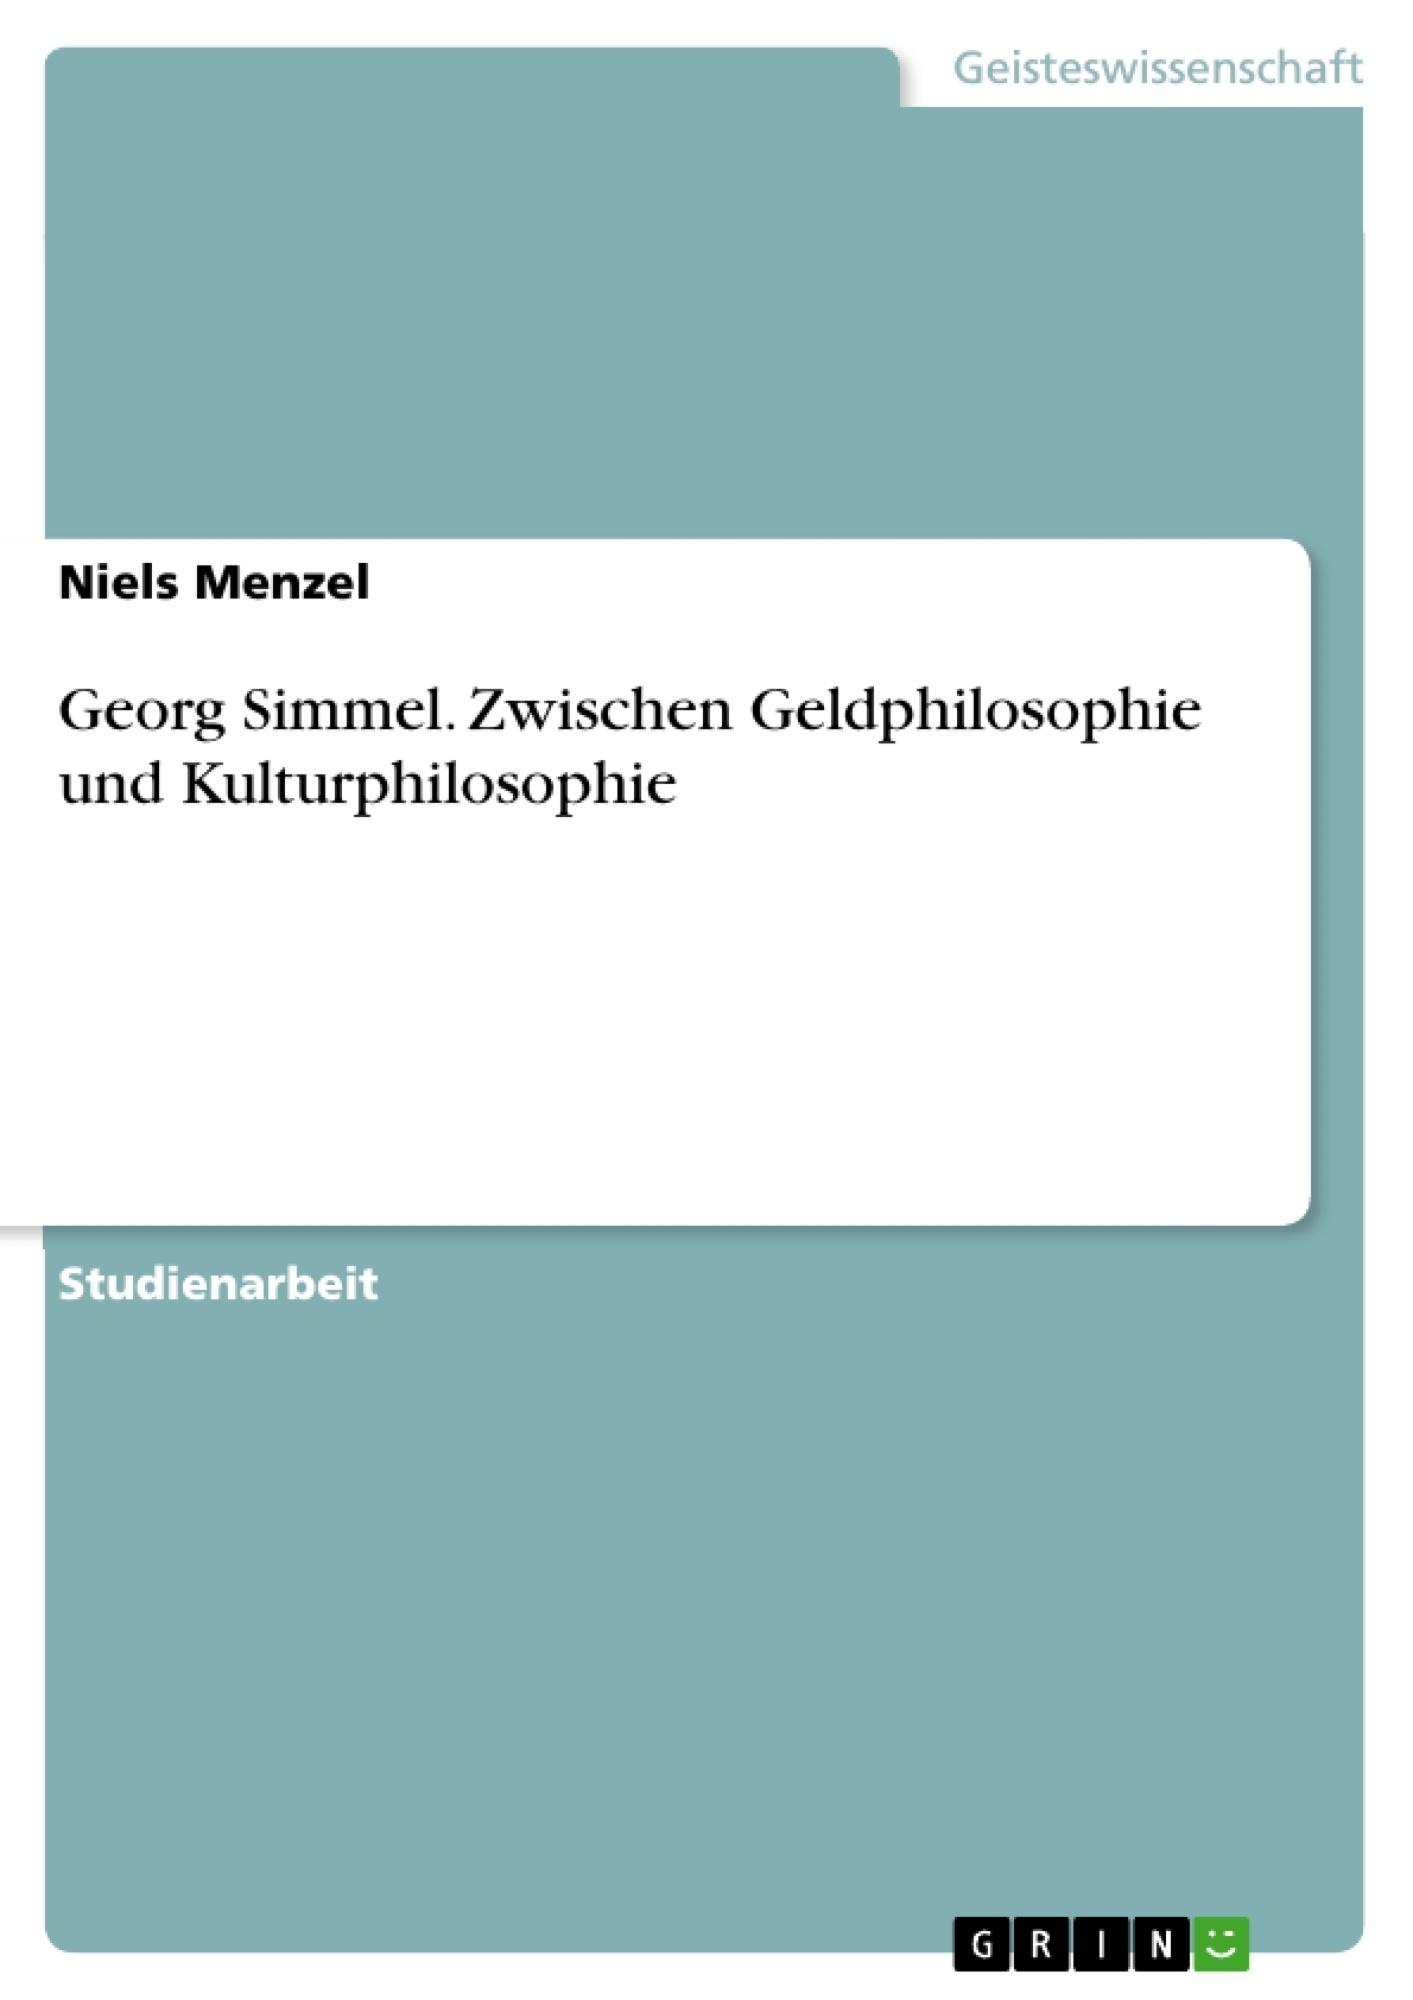 Titel: Georg Simmel. Zwischen Geldphilosophie und Kulturphilosophie